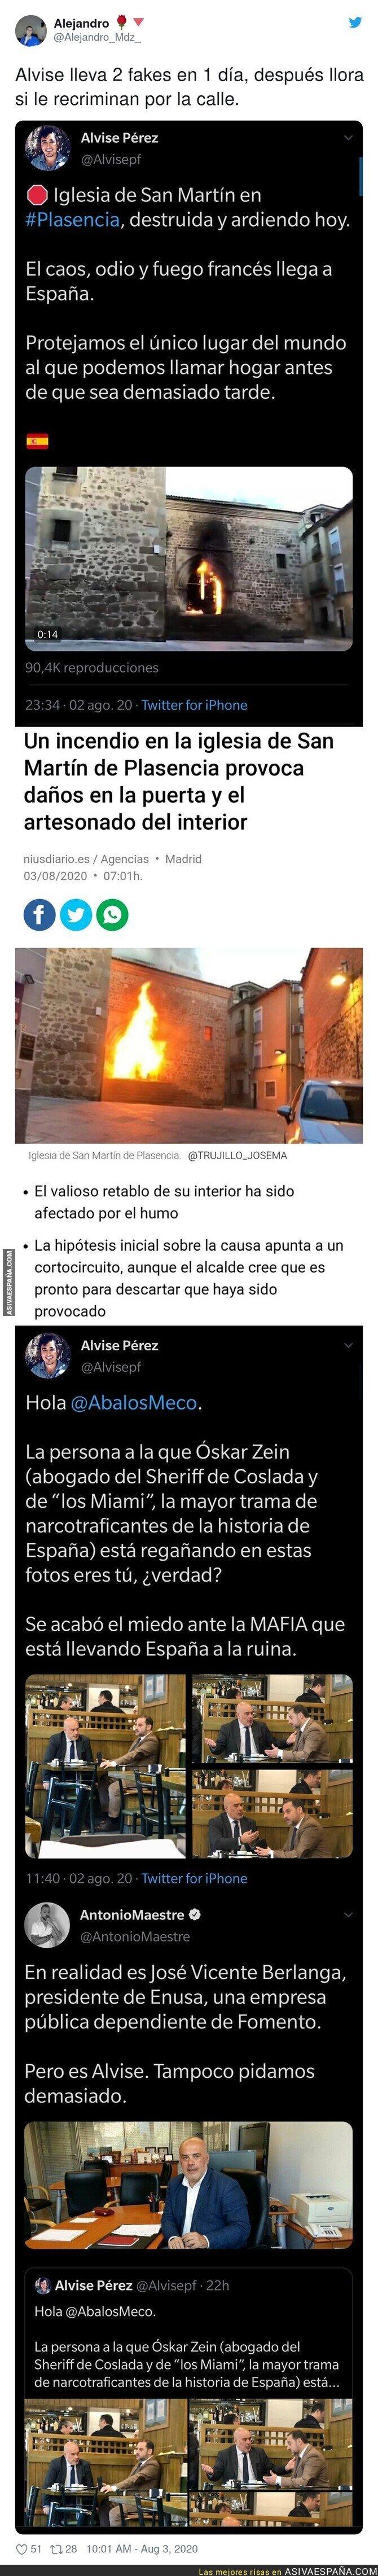 301277 - Este es el nivel de Alvise Pérez